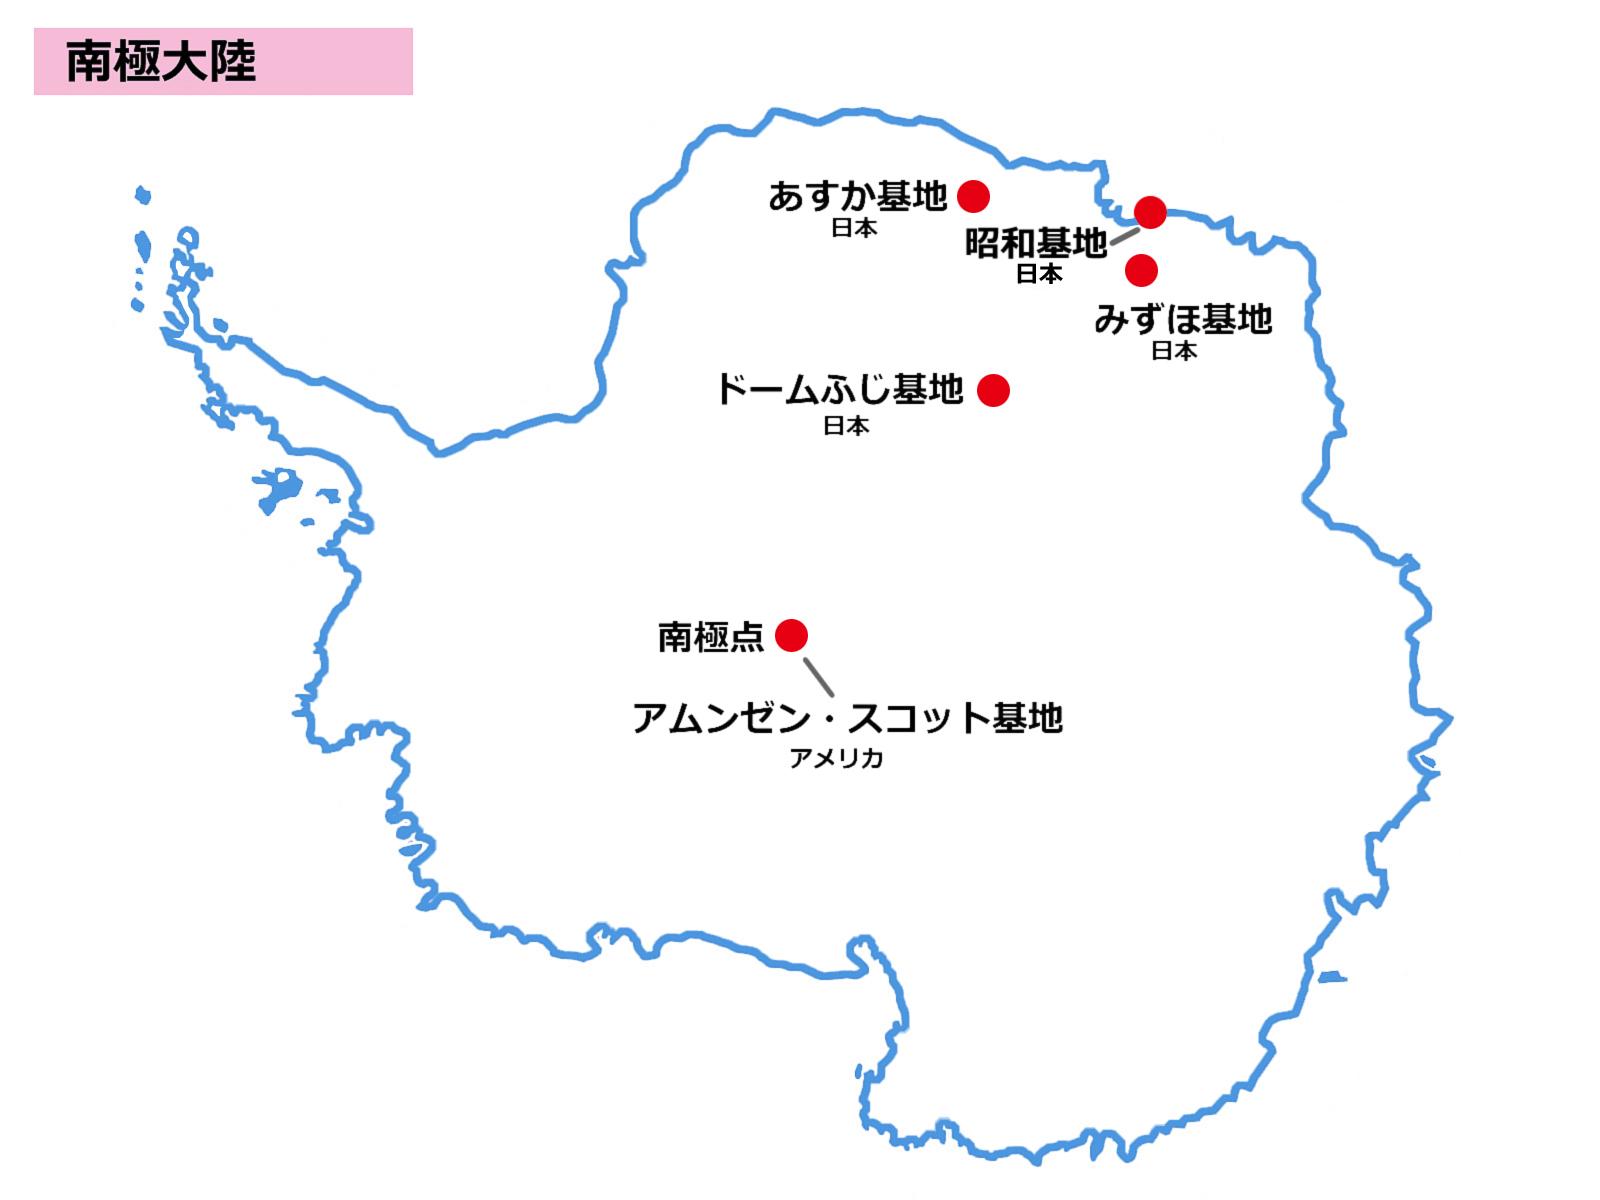 昭和基地開設記念日